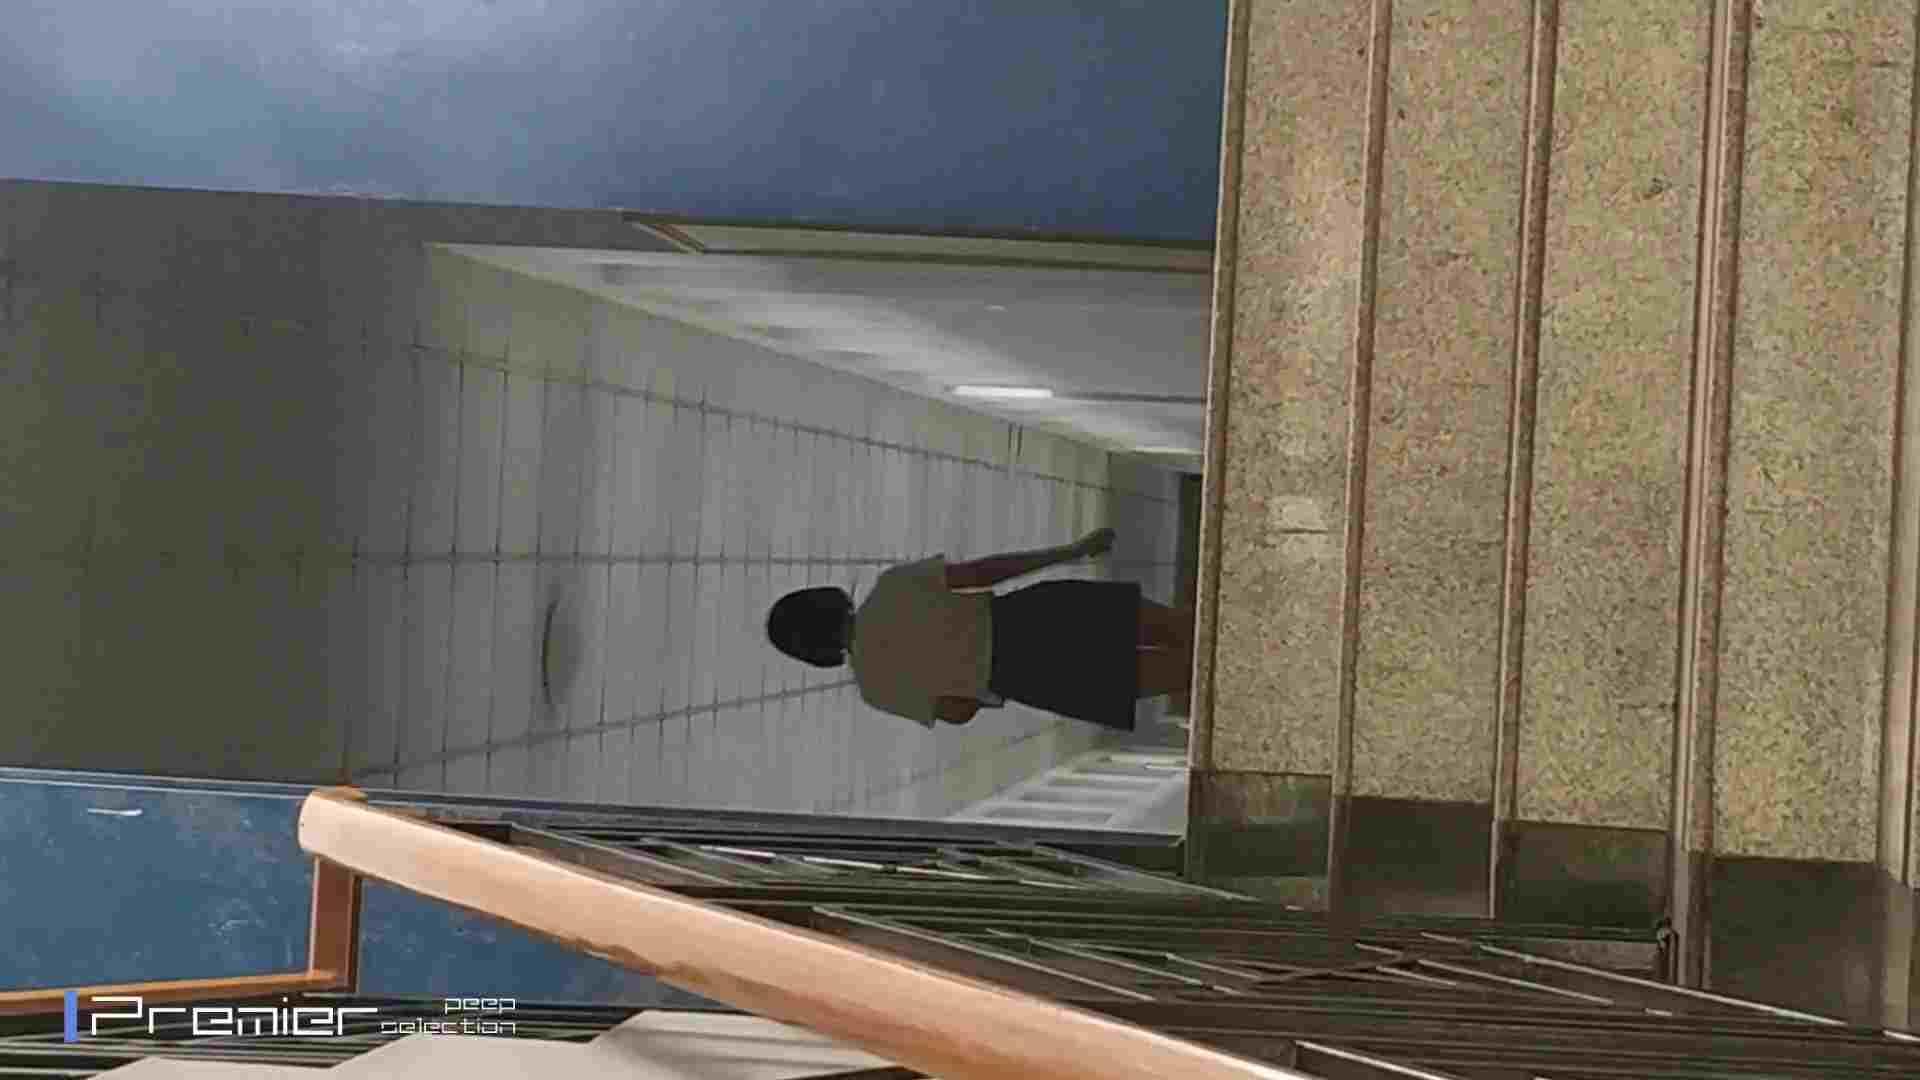 生理用ナプキン交換 大学休憩時間の洗面所事情77 美女達のヌード   お姉さん達のヌード  98連発 14